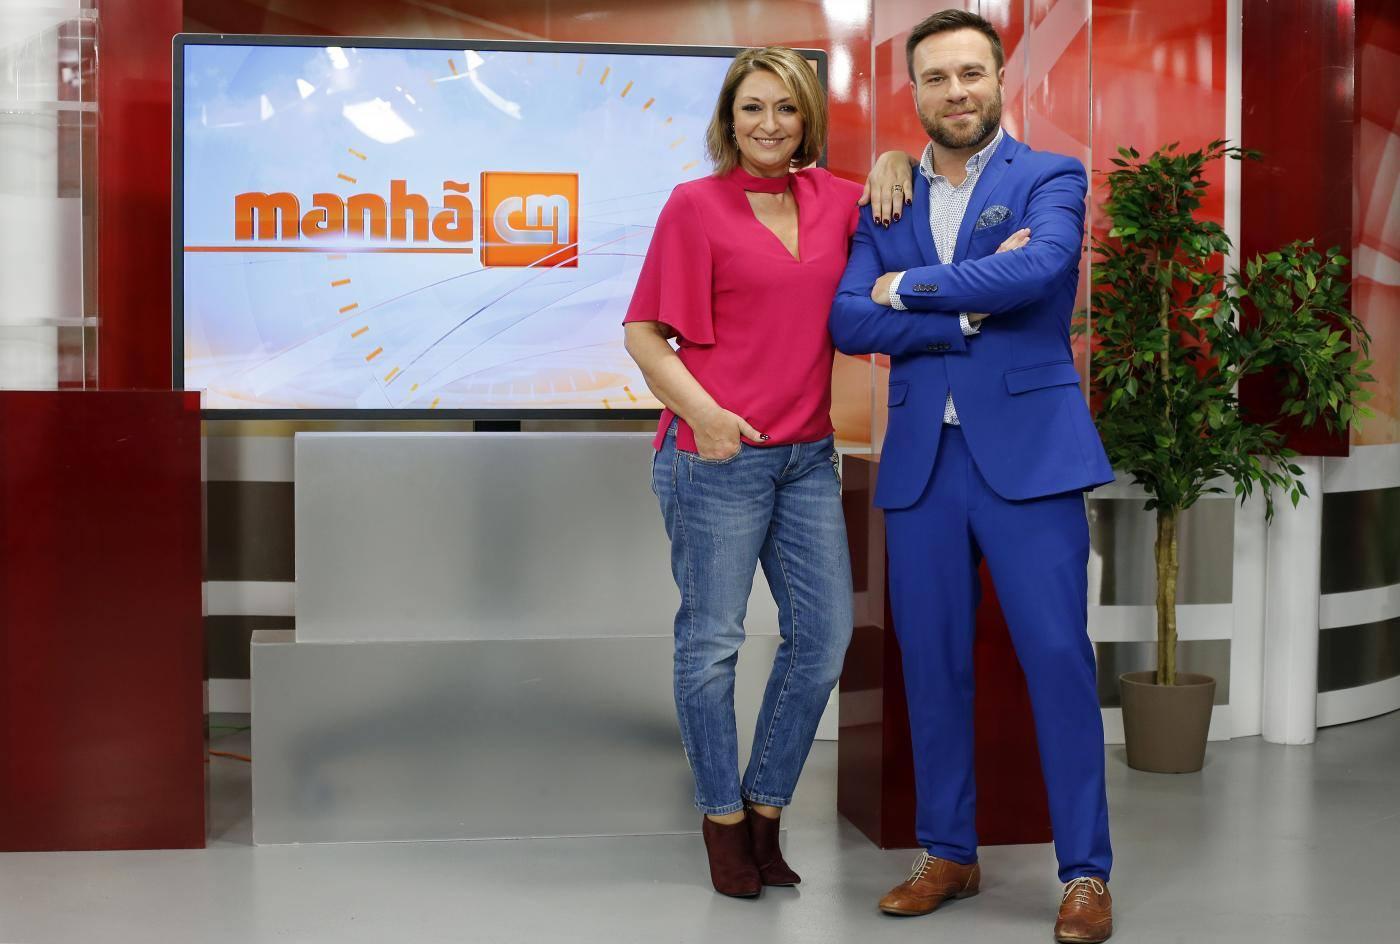 Maya Nuno Eiro Cmtv 'Manhã Cm' Volta A Registar Pico De Audiência. Concorrência Da Sic Foi Derrotada